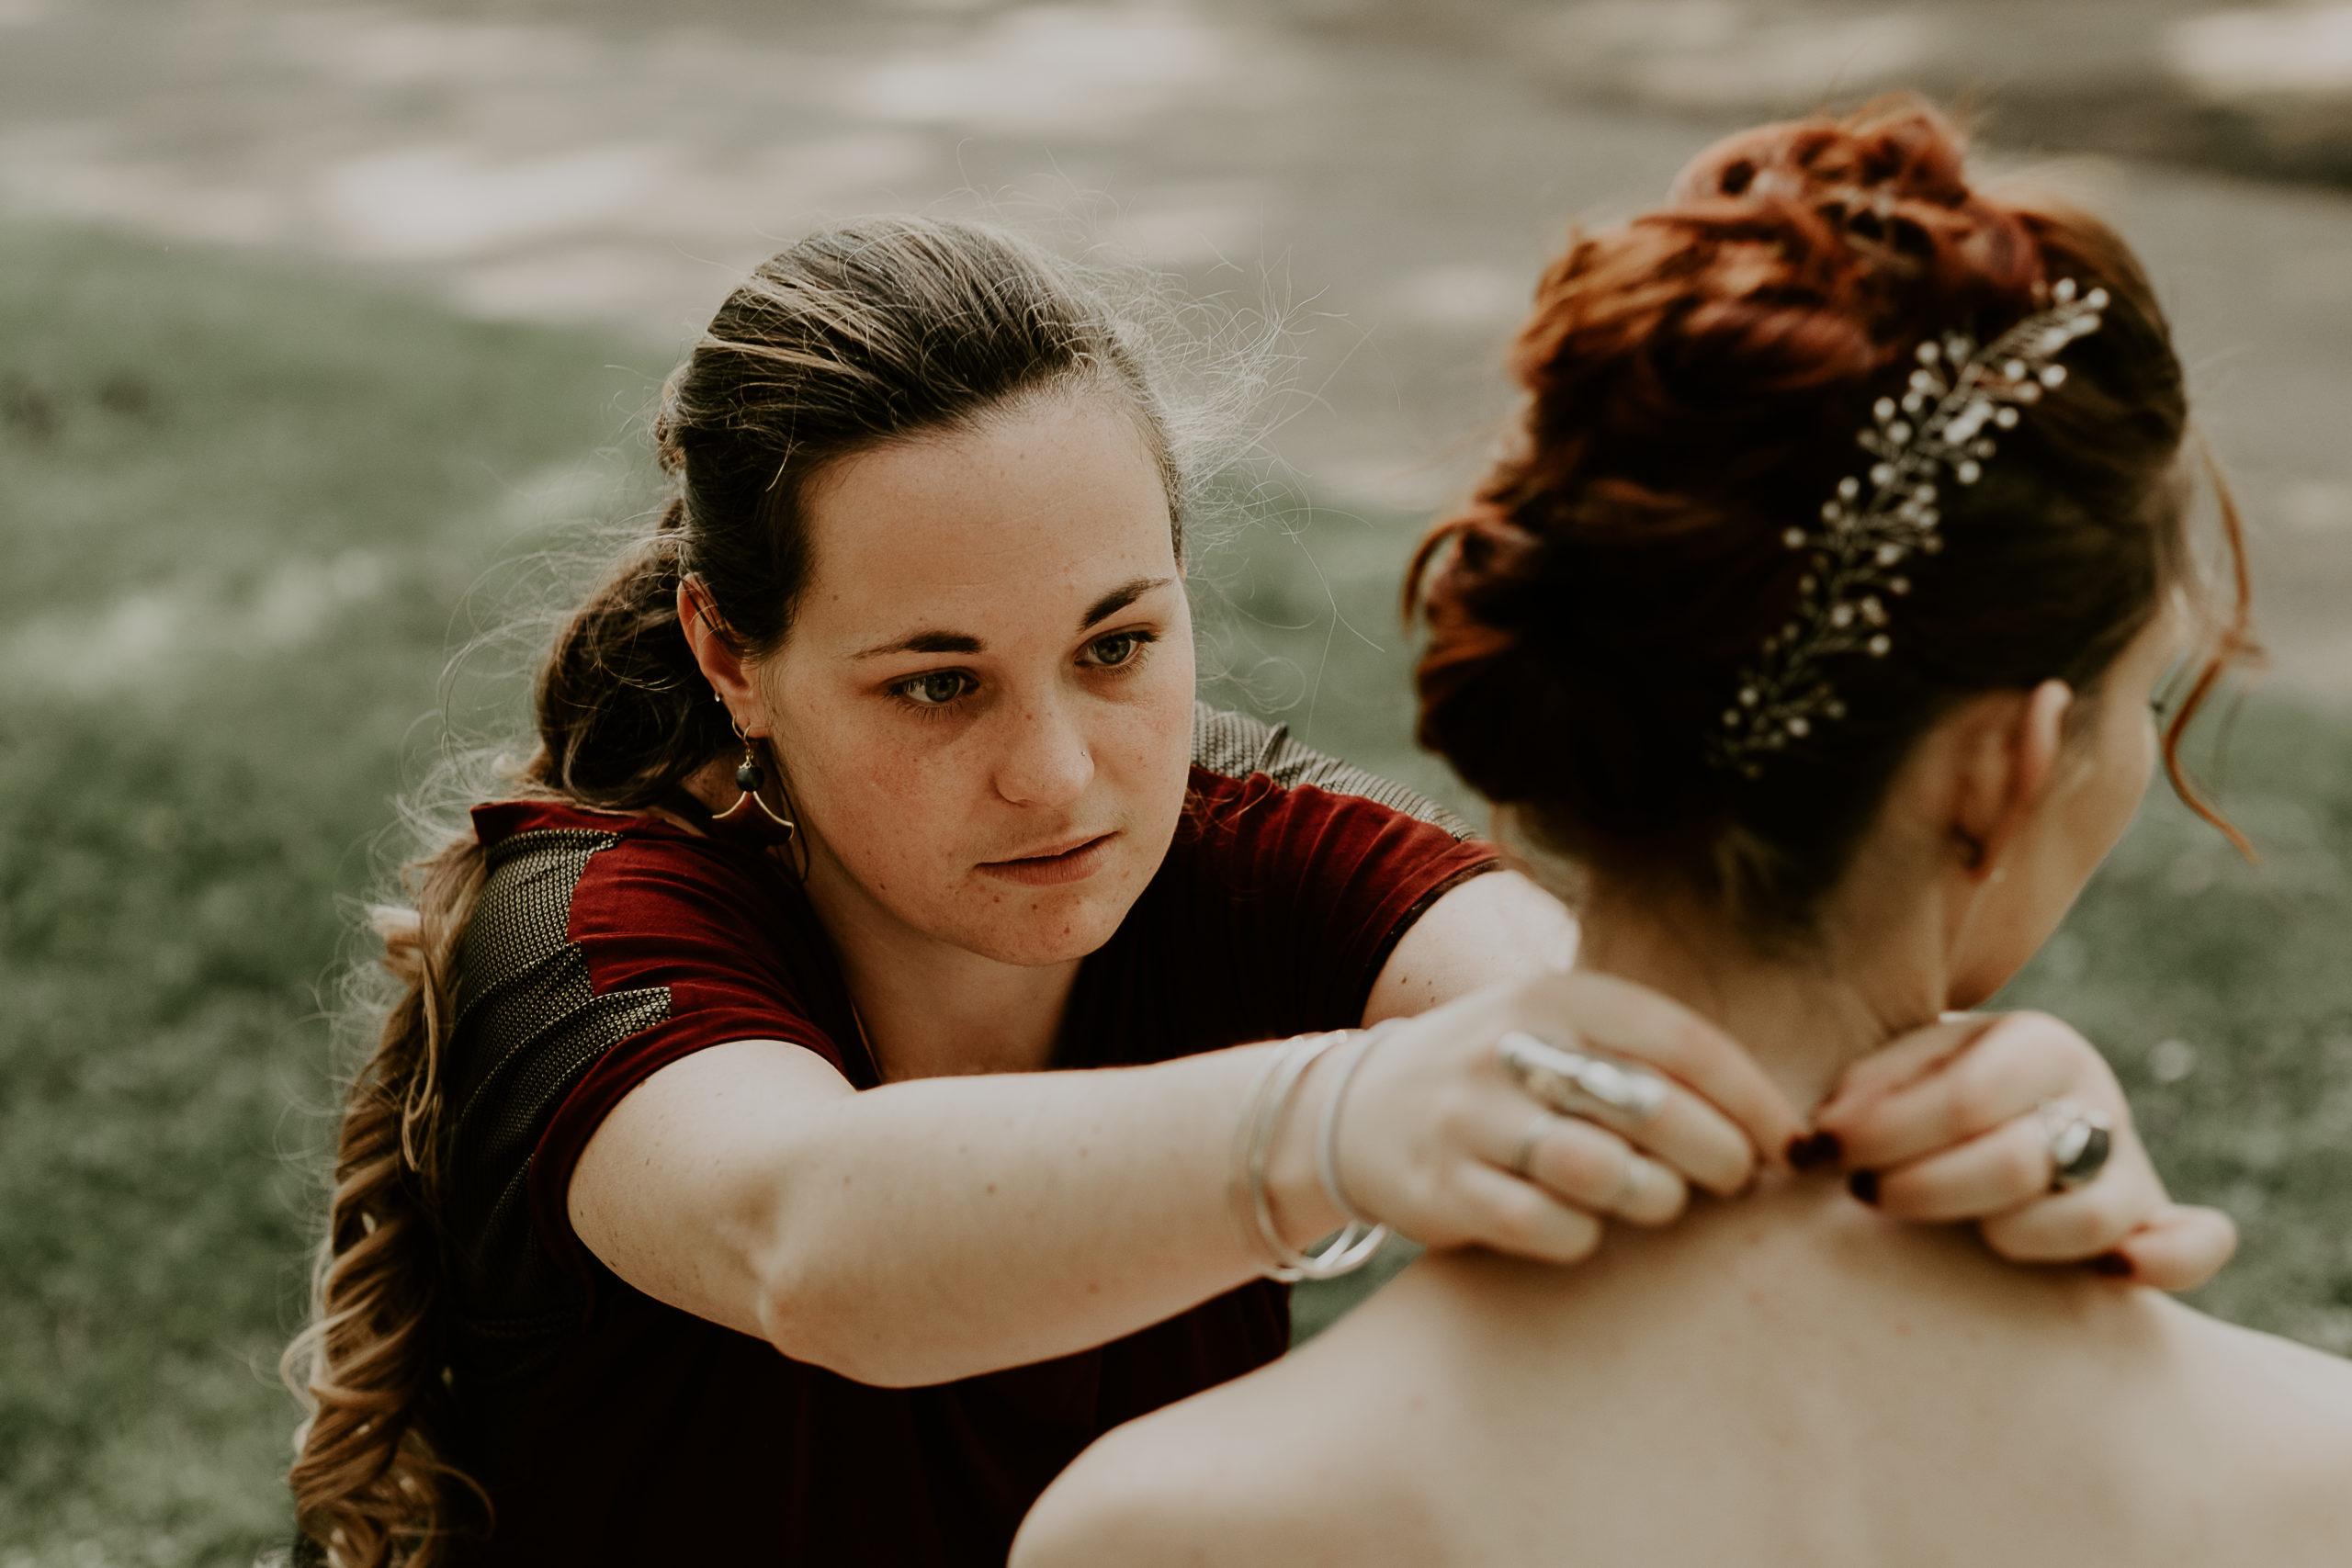 Marie Gonon accrochant un collier a une future mariée